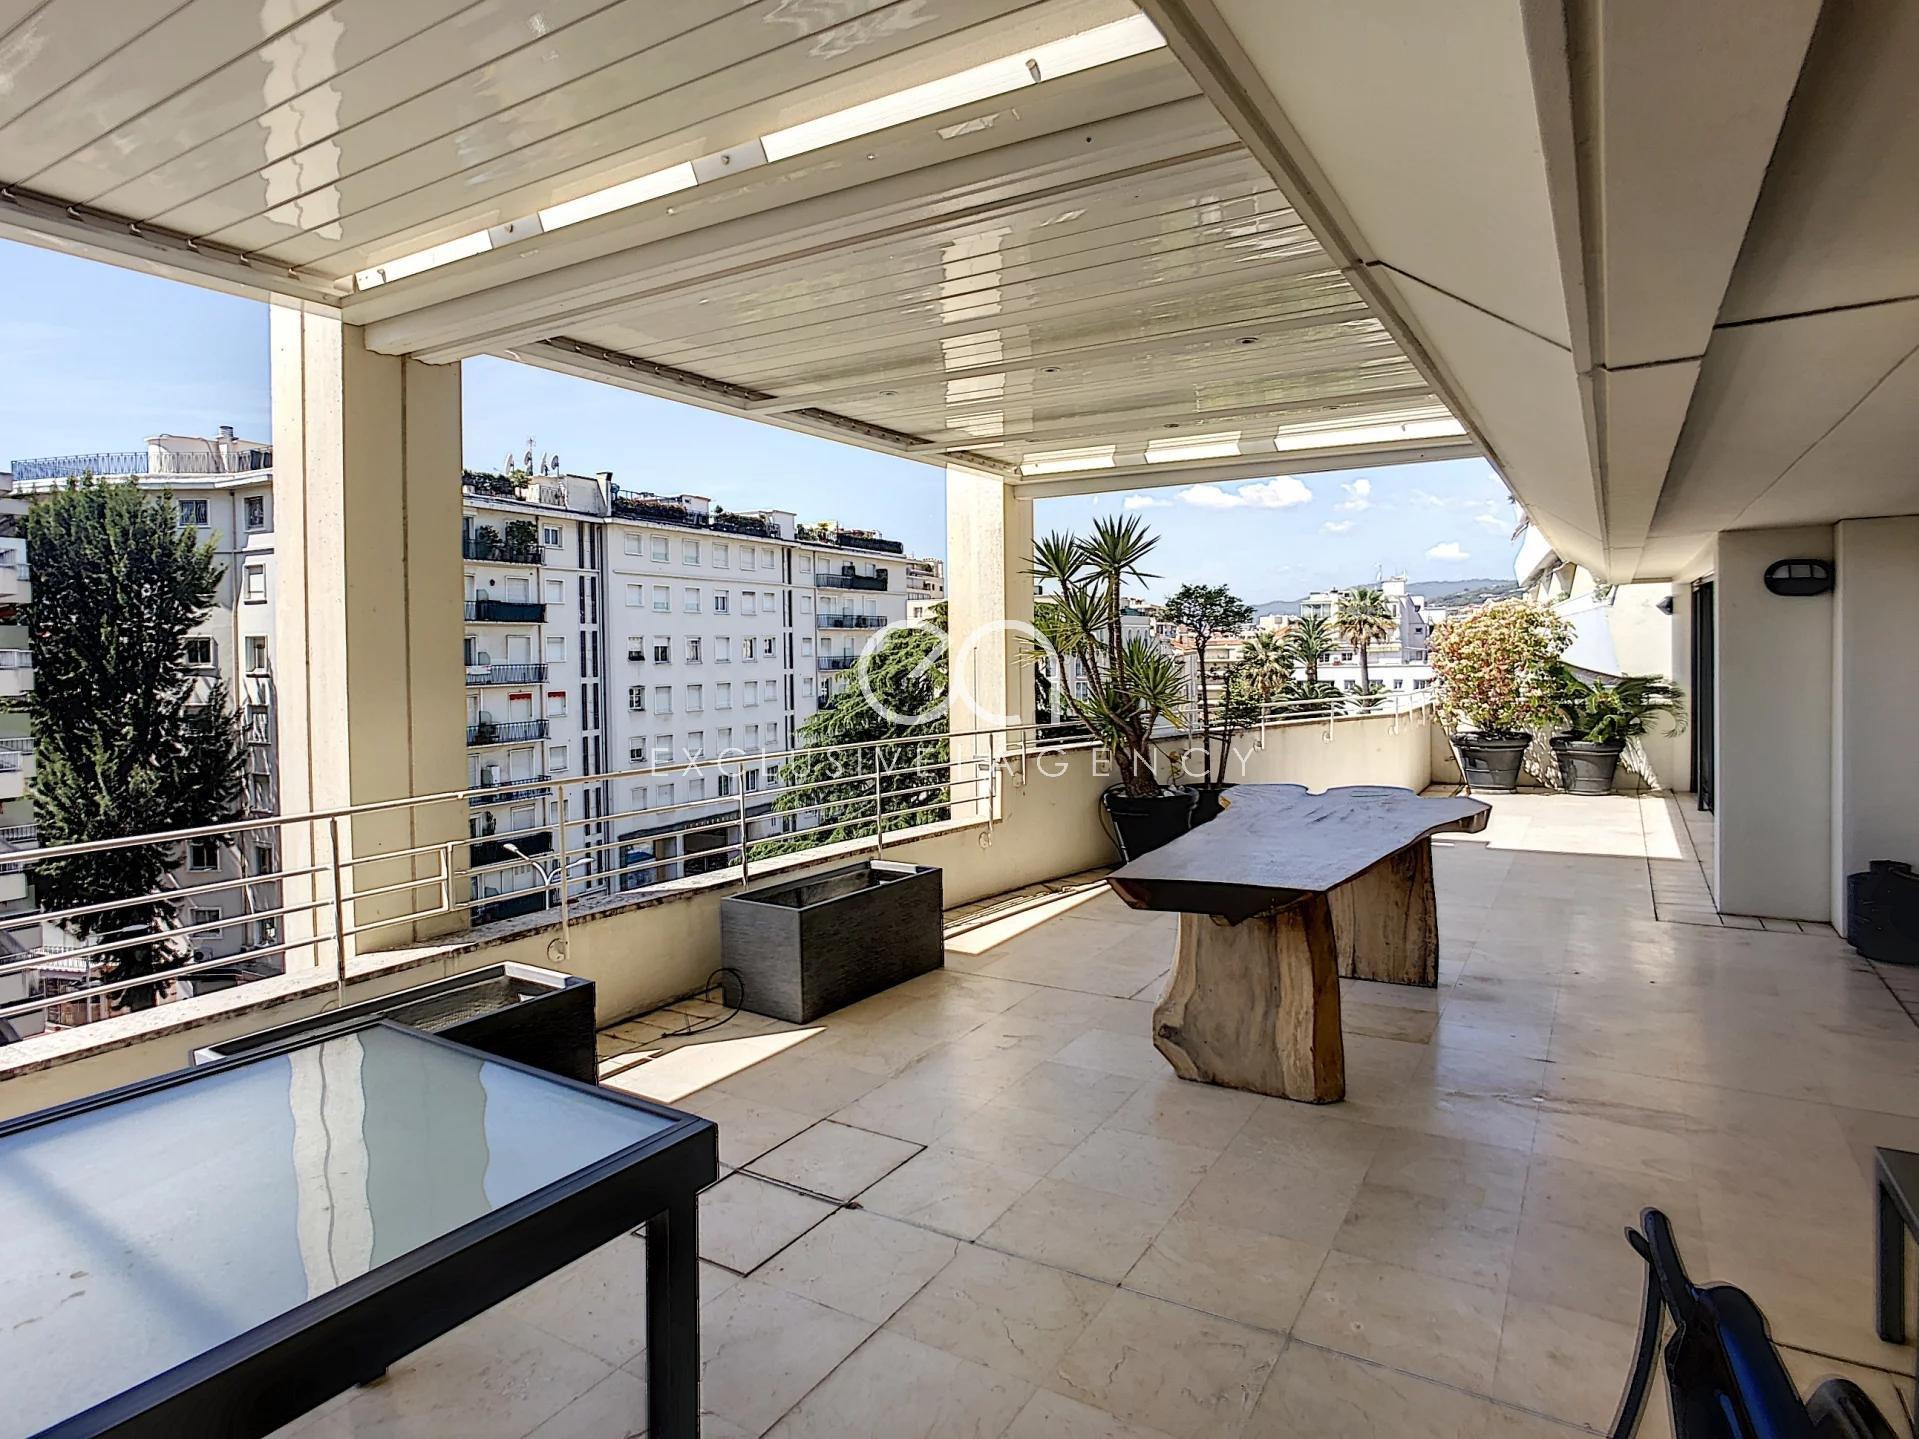 A LOUER MOIS CANNES CENTRE RUE D'ANTIBES appartement 6 pièces 250m² avec large terrasse 60m²